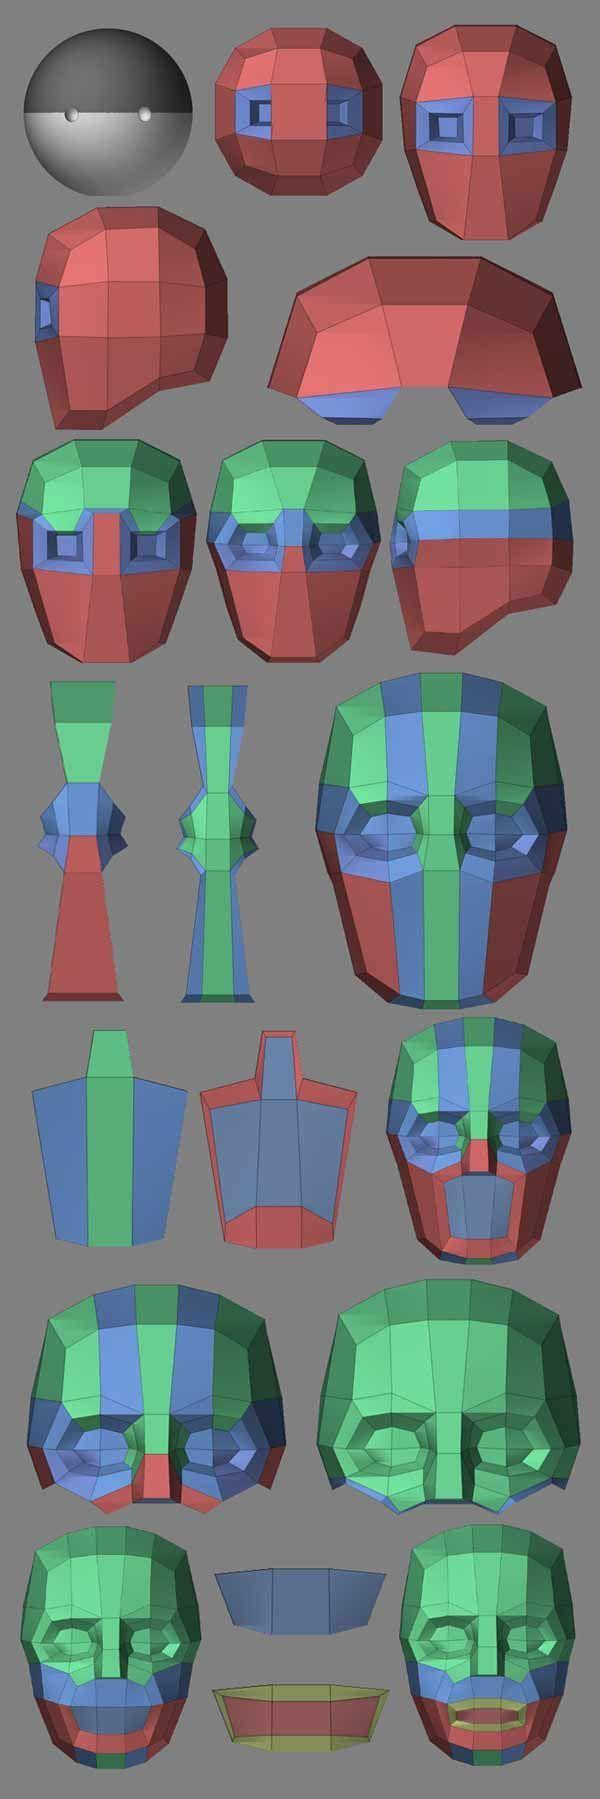 02241a096939581d6981a3cb588225b6.jpg (600×1799)